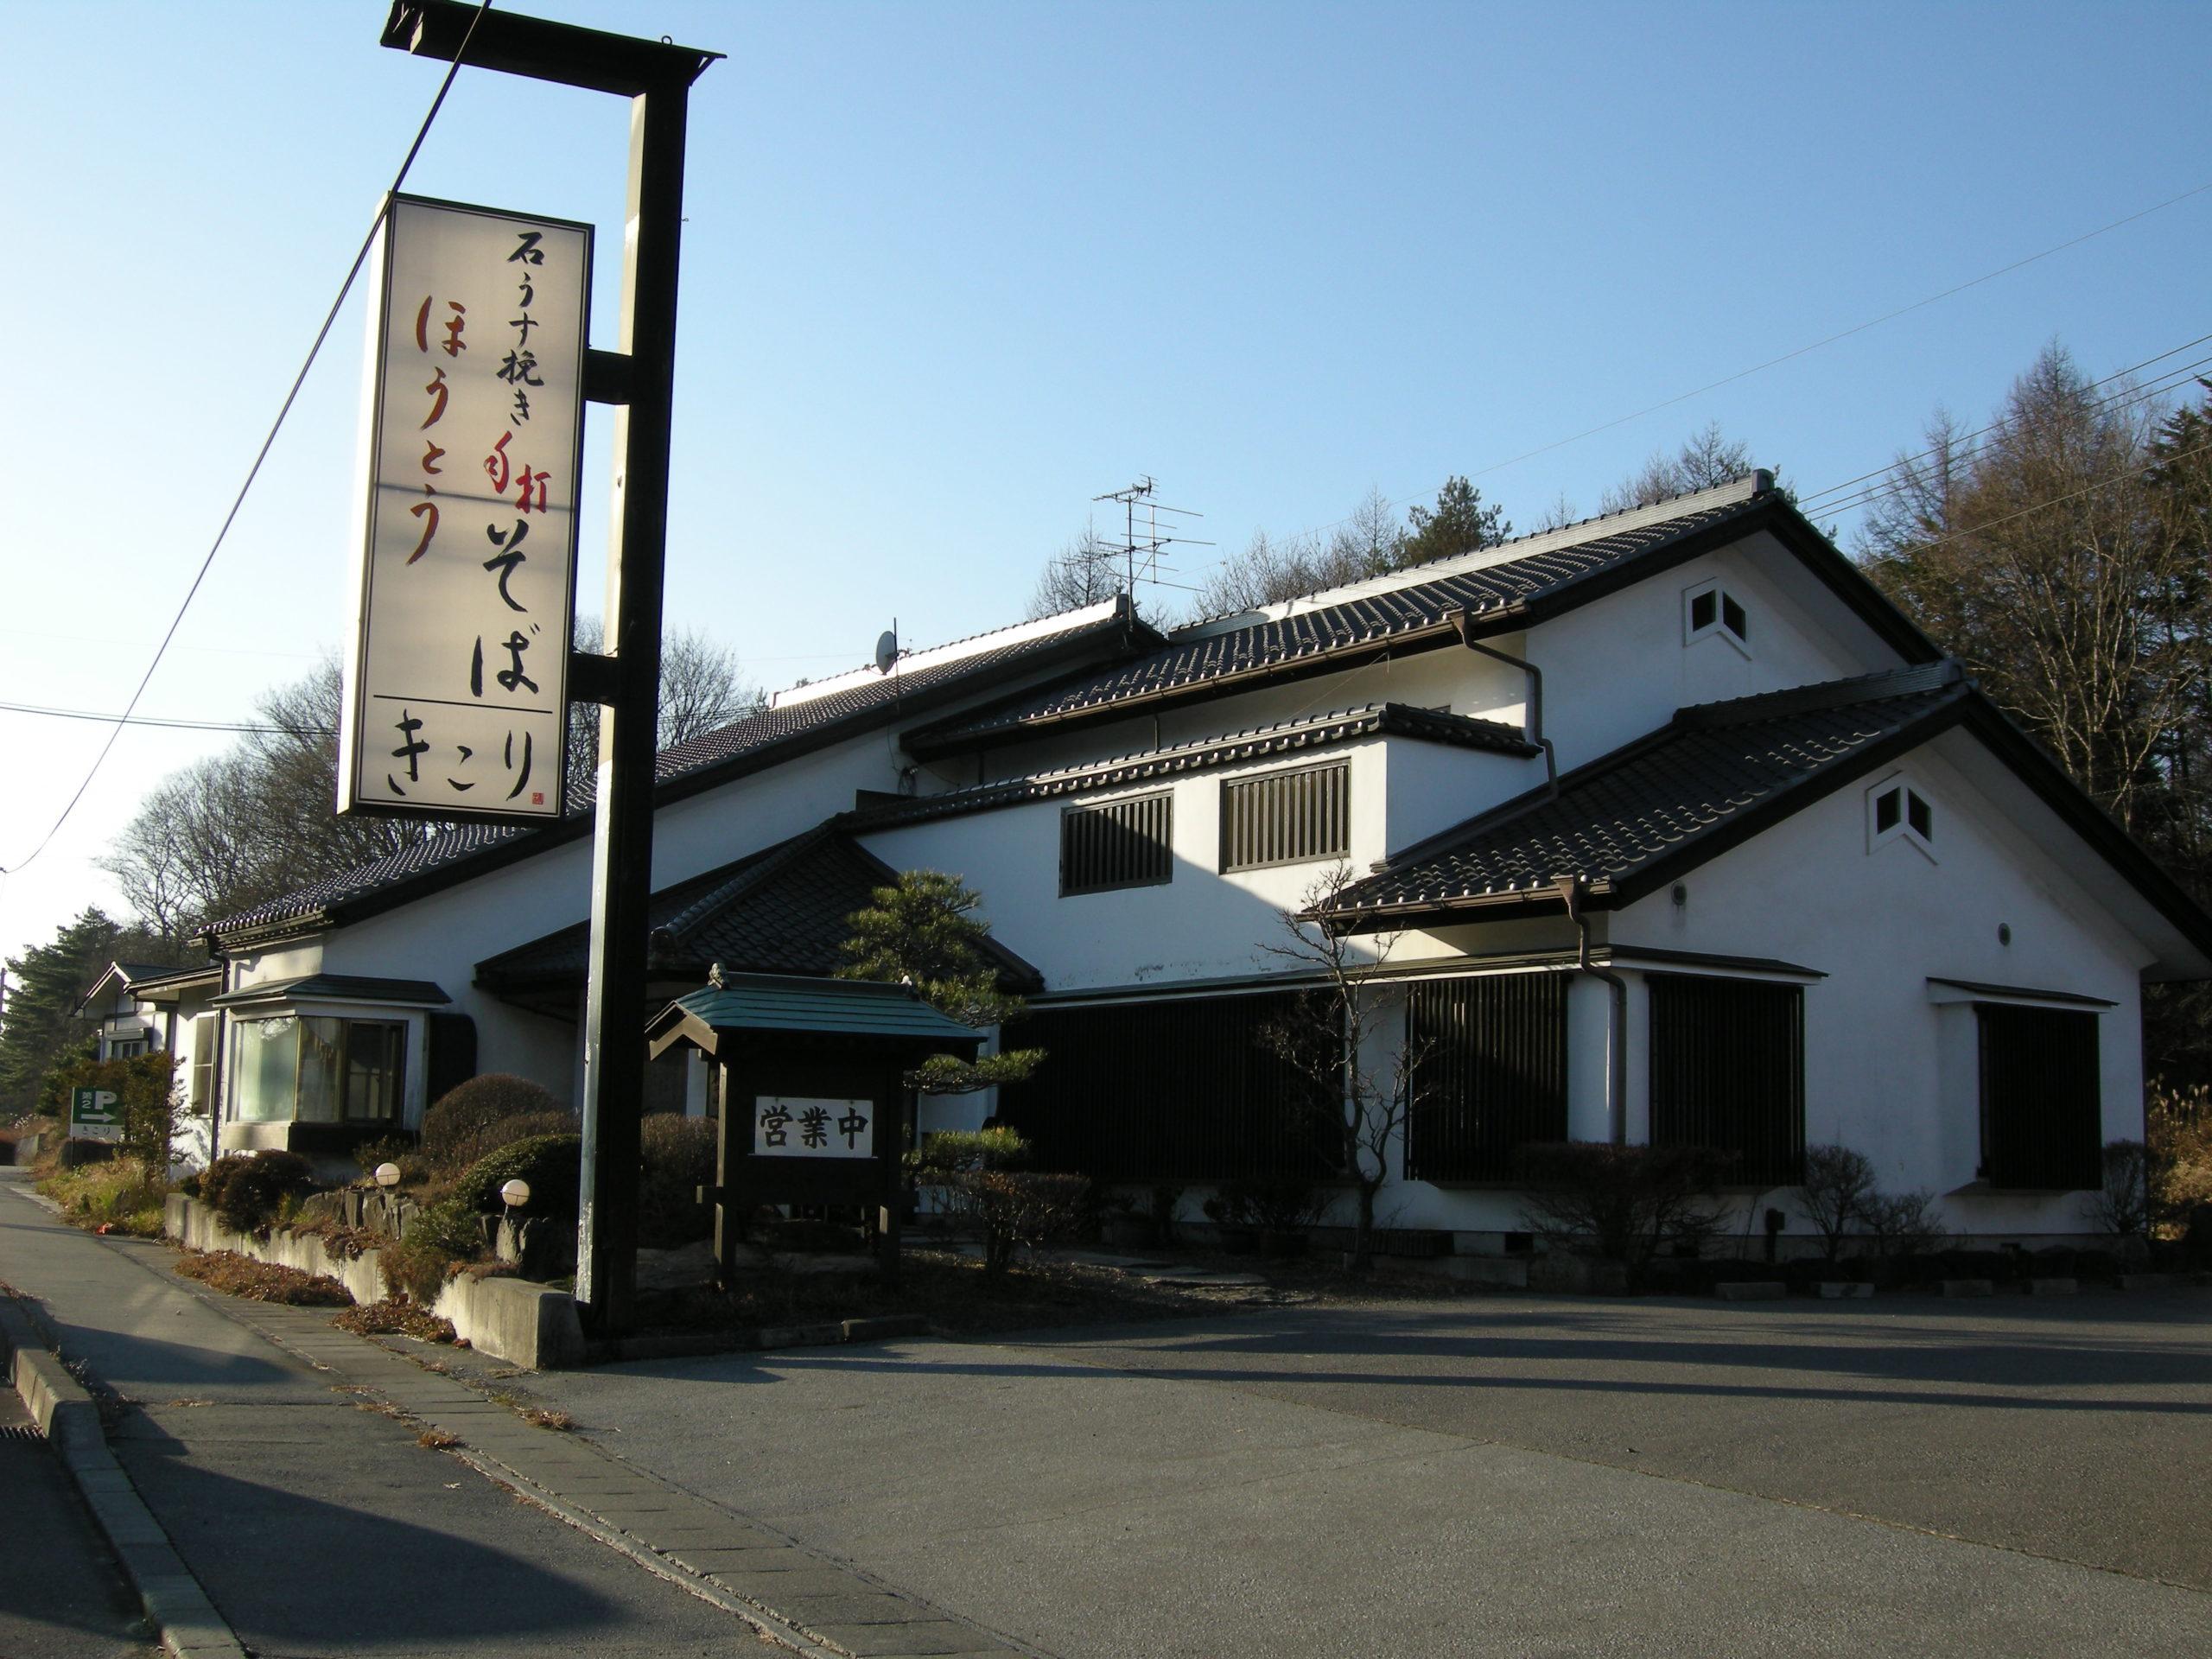 軽井沢に来たら、お蕎麦も楽しみたい。真っ白な更科そばの、のど越しは最高です。